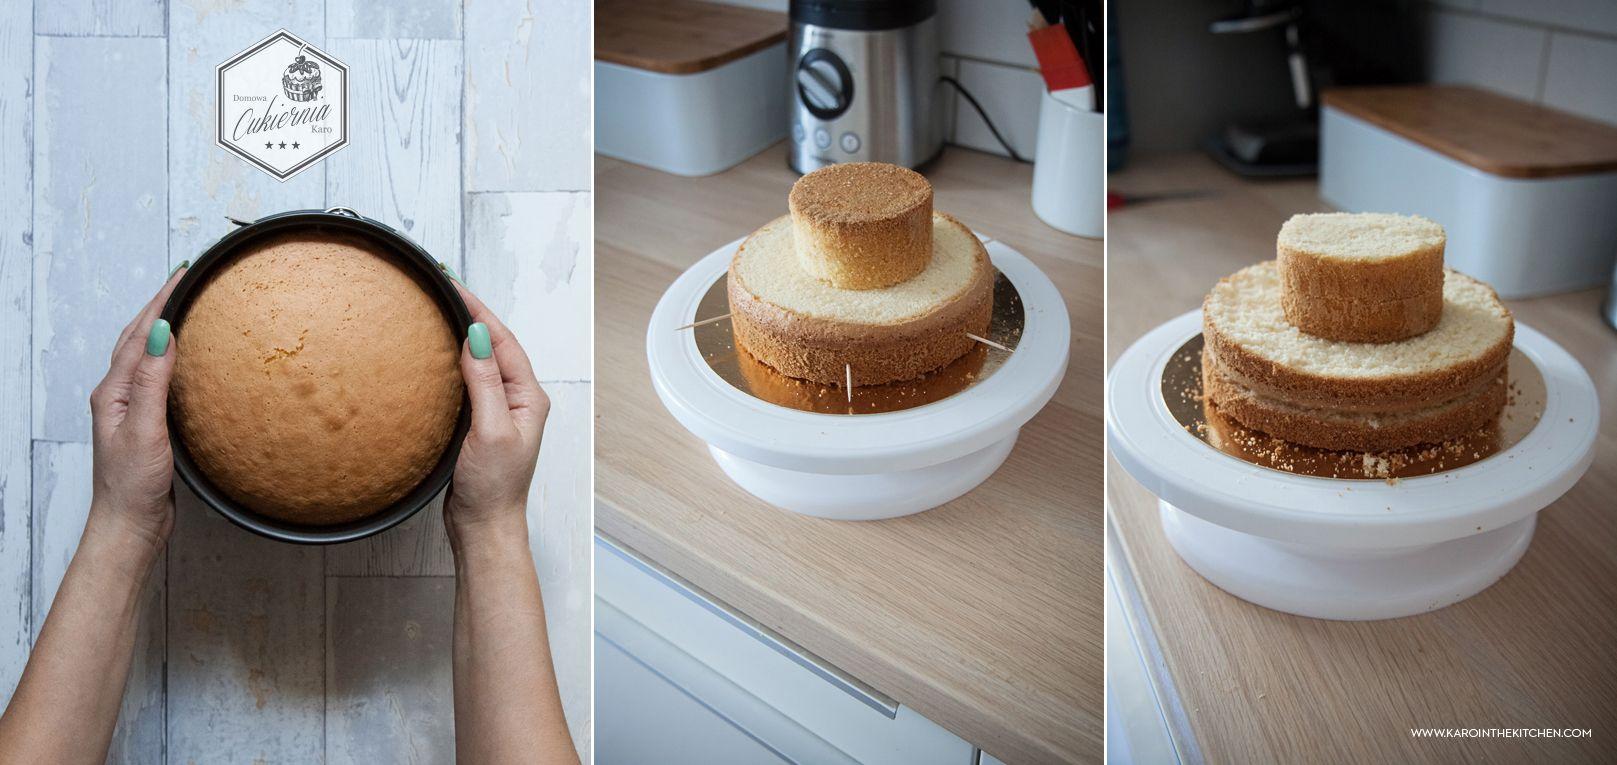 Jak Poskladac Pietrowy Tort Czym Zabezpieczyc Ciasto Co To Jest Fondant Jak Sie Pracuje Z Lukrem Plastycznym Tort Pietrowy W Stylu Angielskim Ozdoby Z Cake